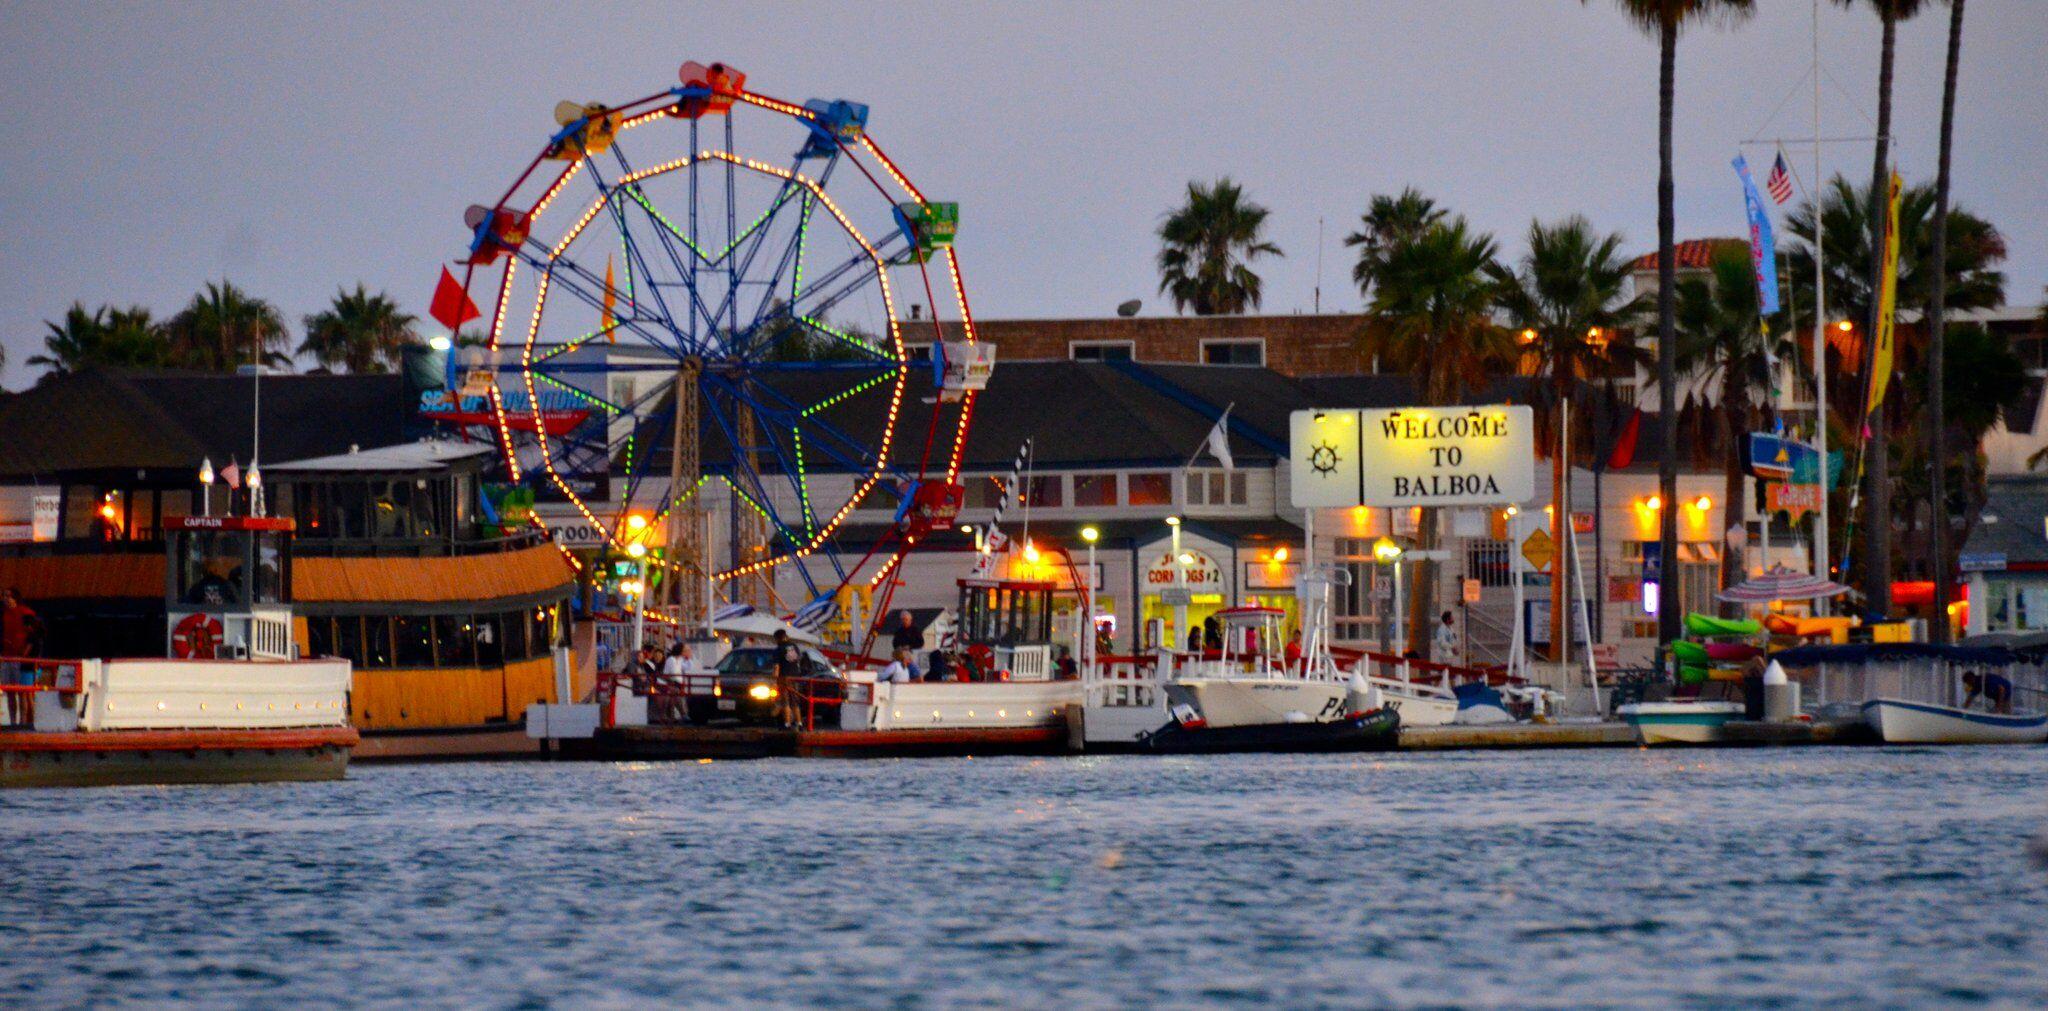 Balboa Movie Theater Newport Beach